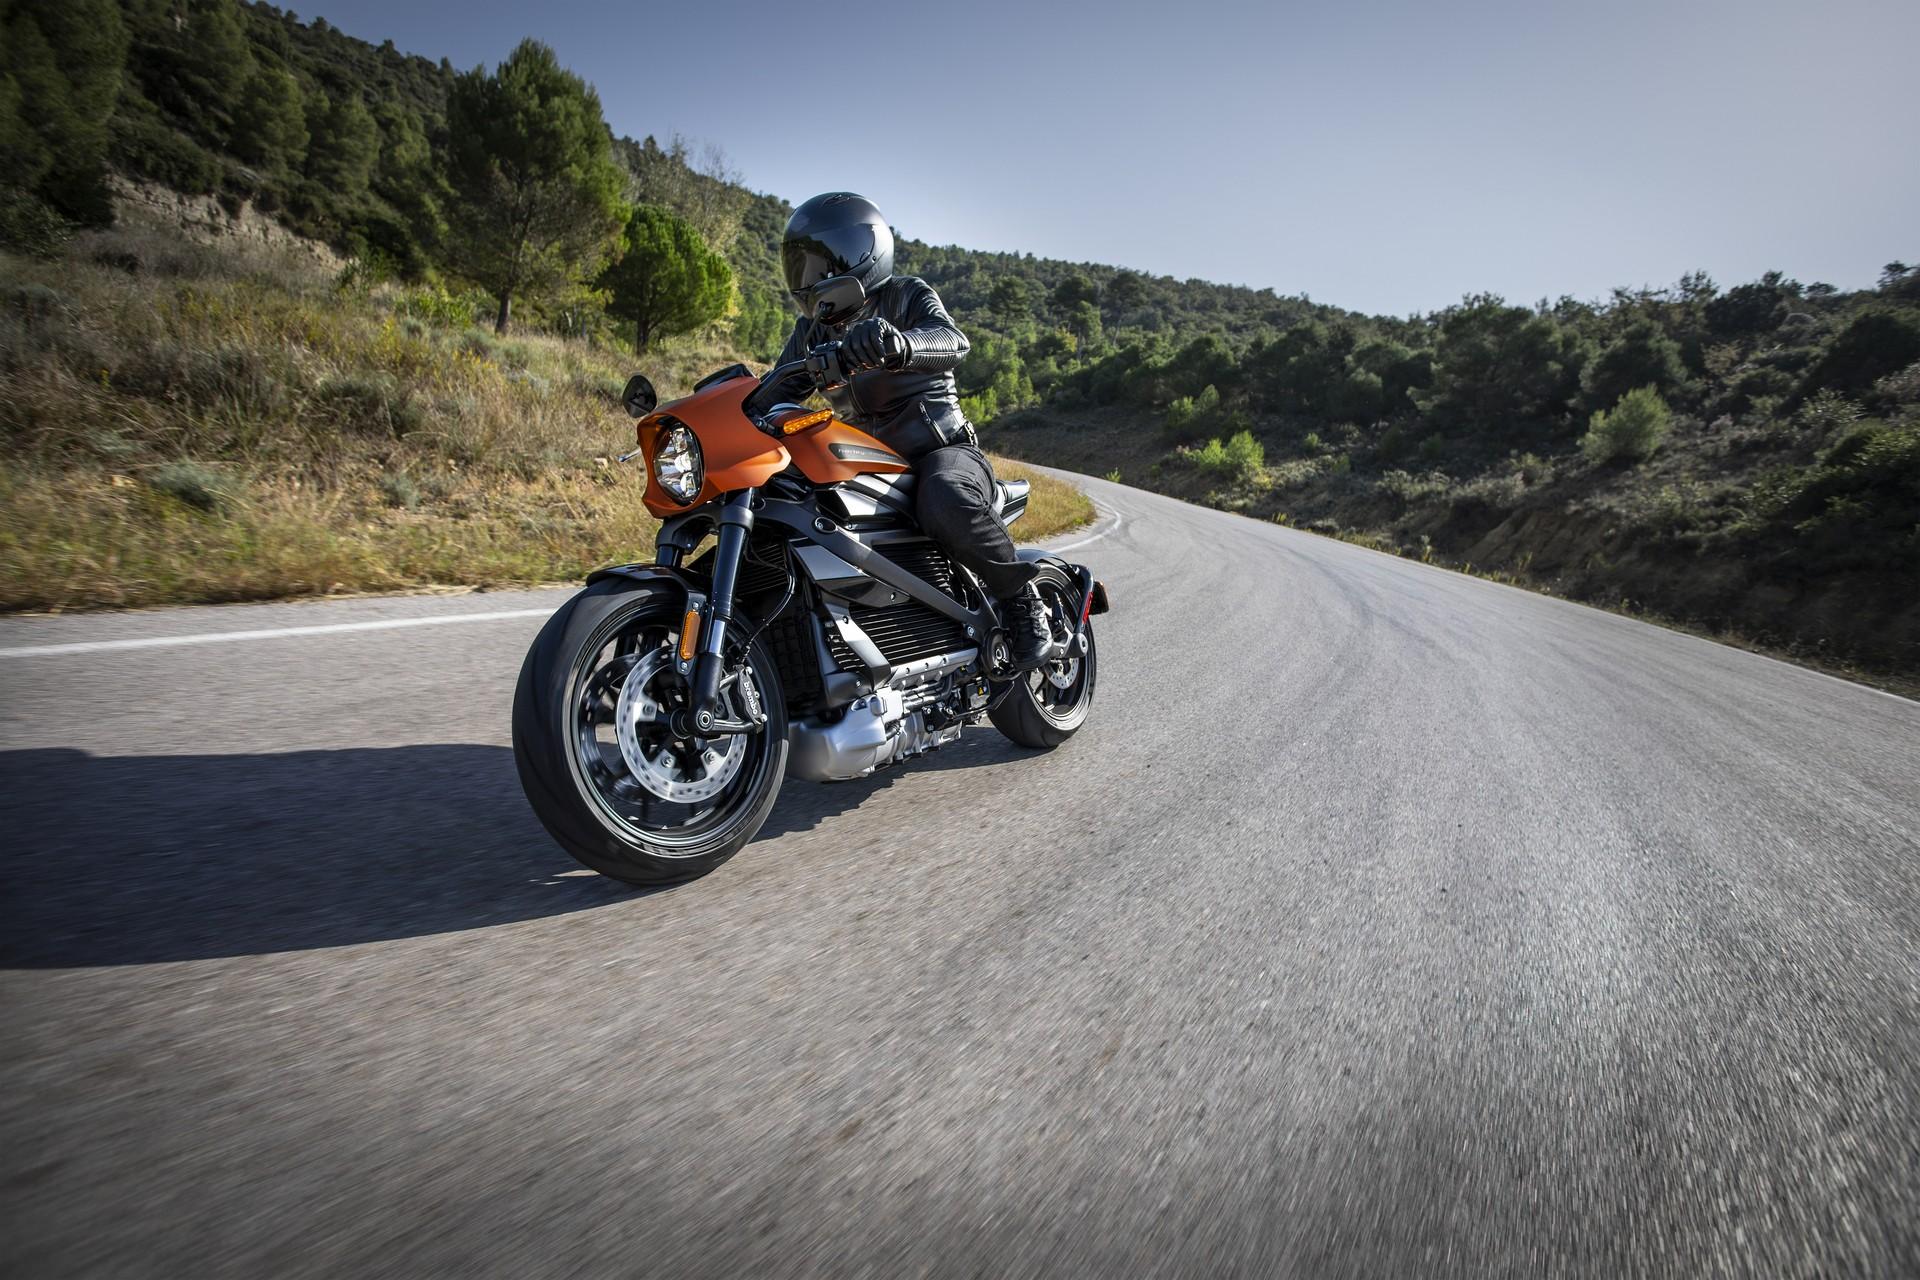 Harley Davidson LiveWire ispod očekivanja